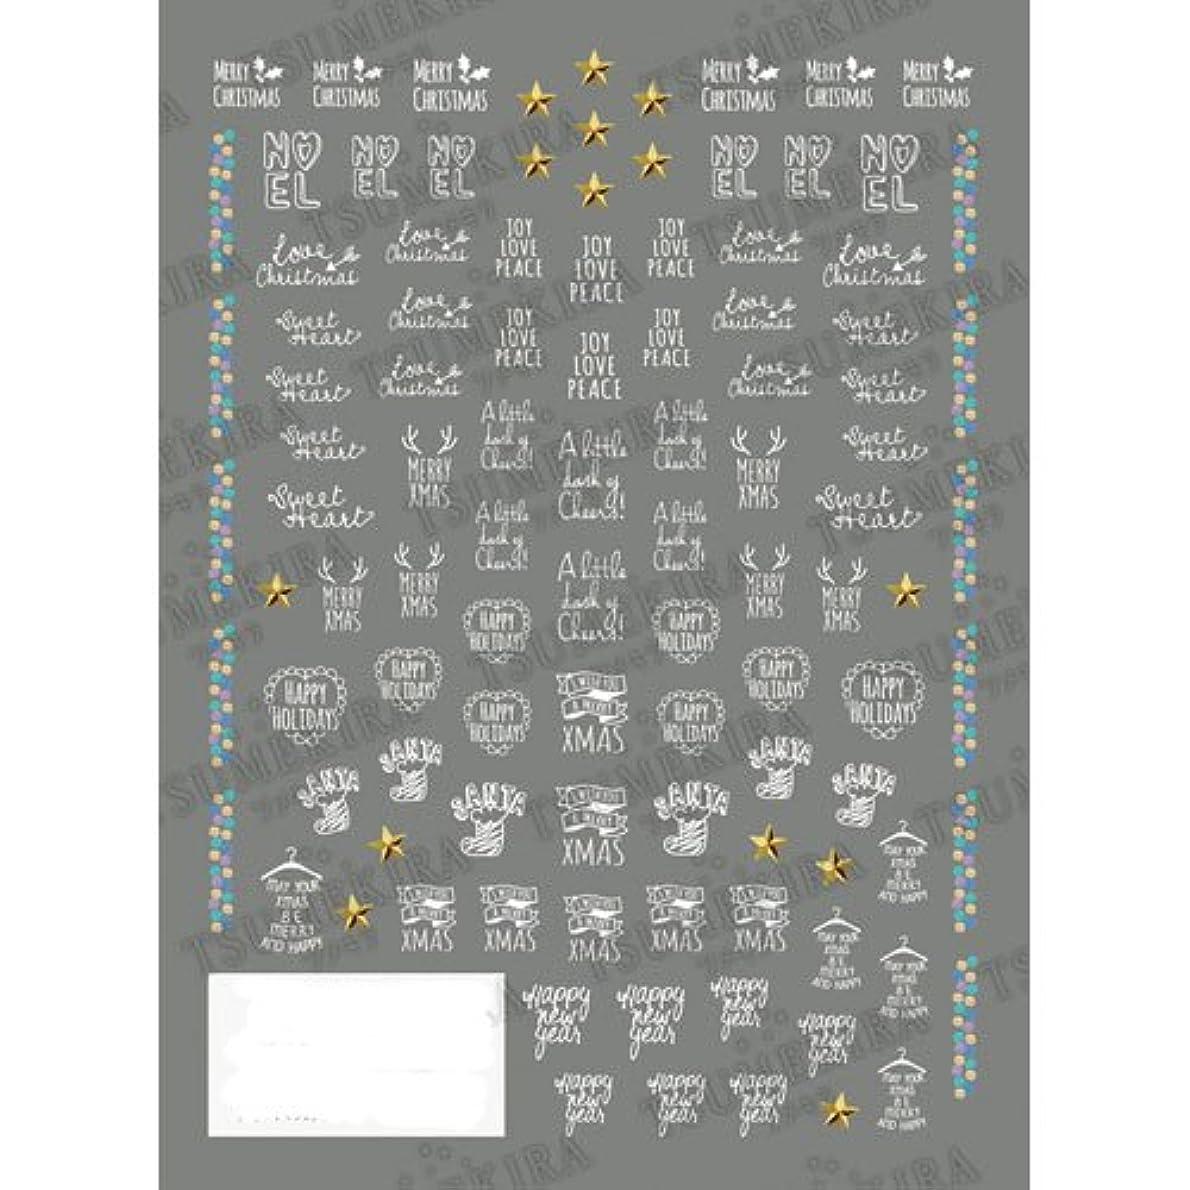 モンクホイットニー脱獄ツメキラ ネイル用シール クリスマスツメッセージ ホワイト